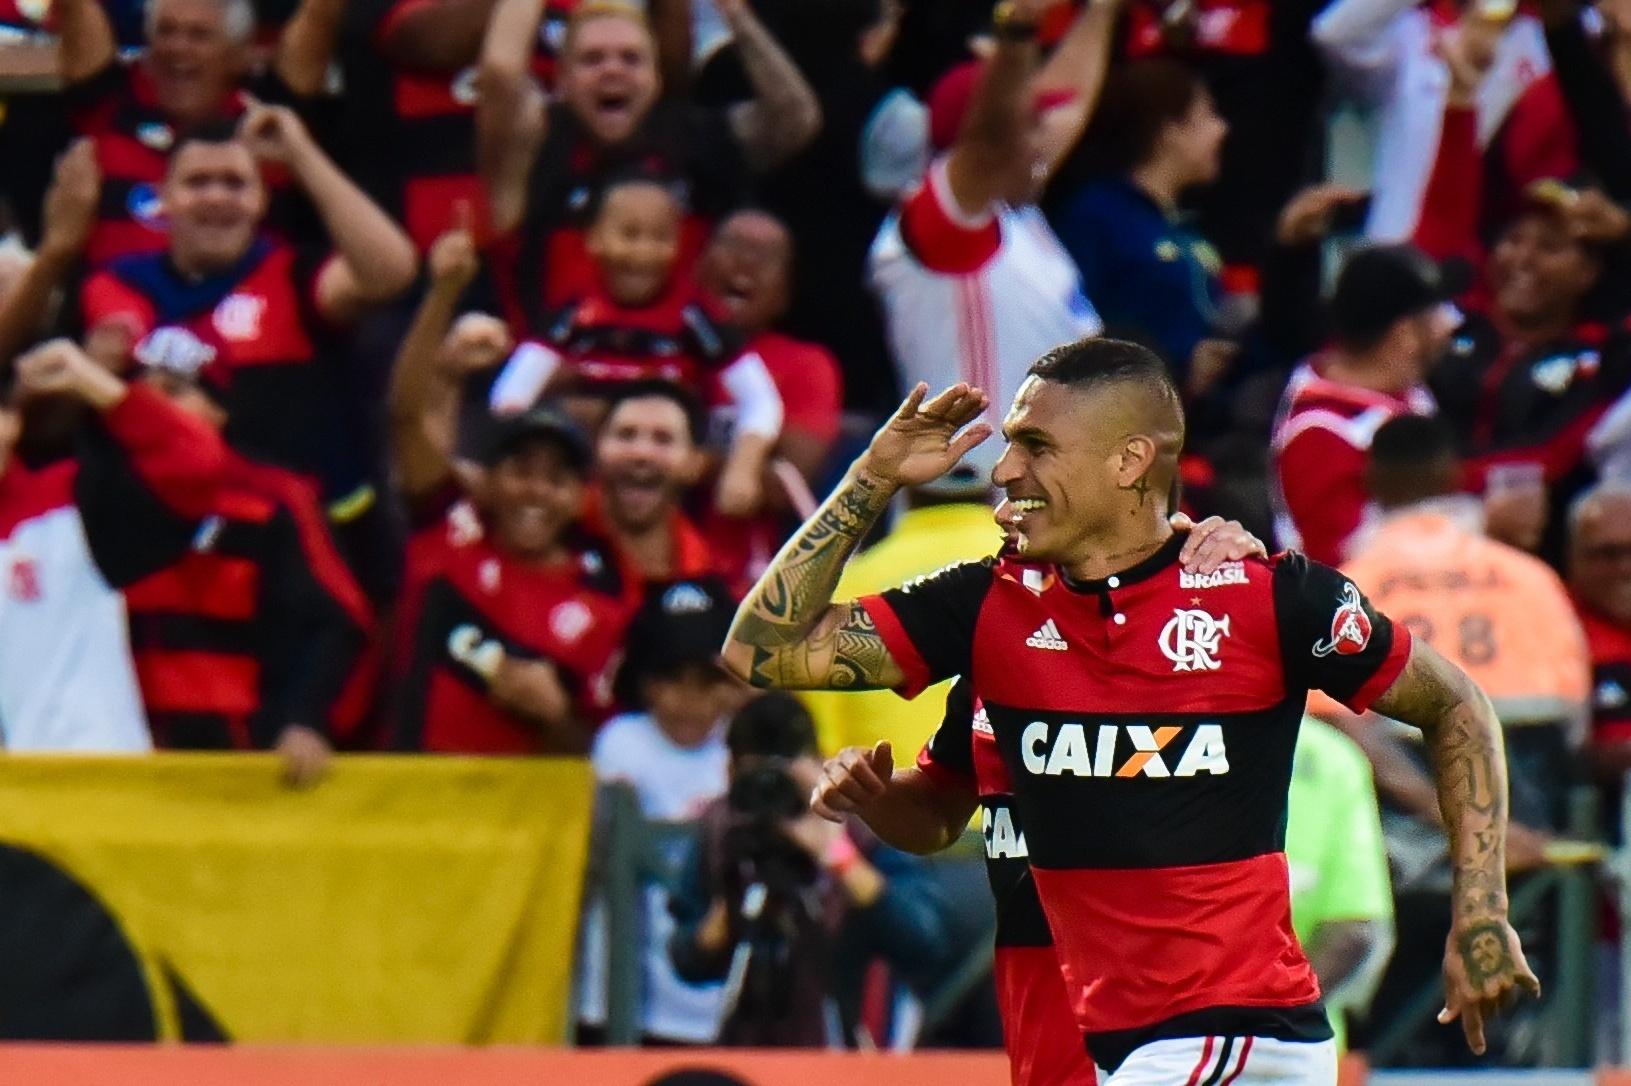 Guerrero comemora após abrir o placar para o Flamengo contra o São Paulo